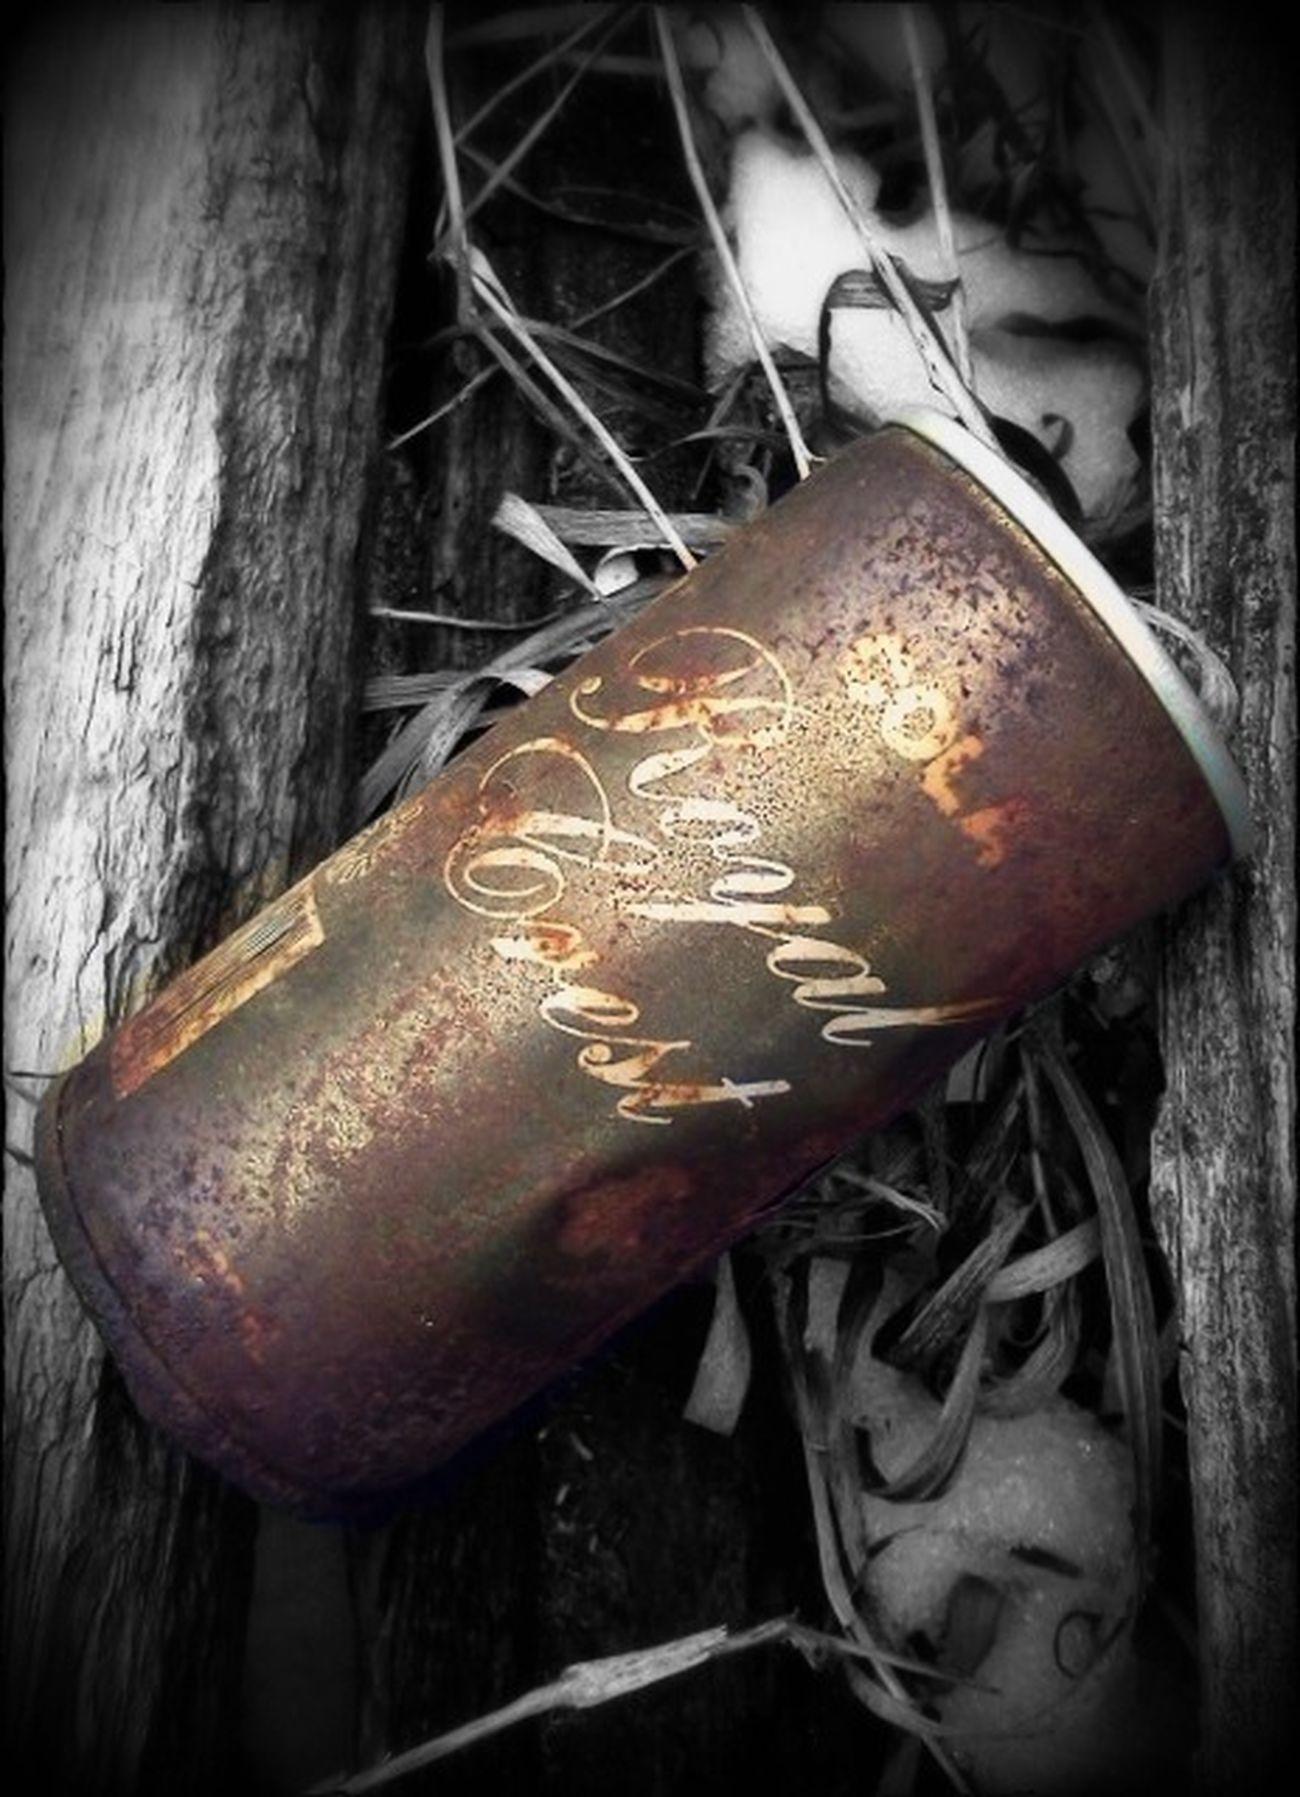 Rurex Objects Of Interest In Rust, We Trust Treasured Trash